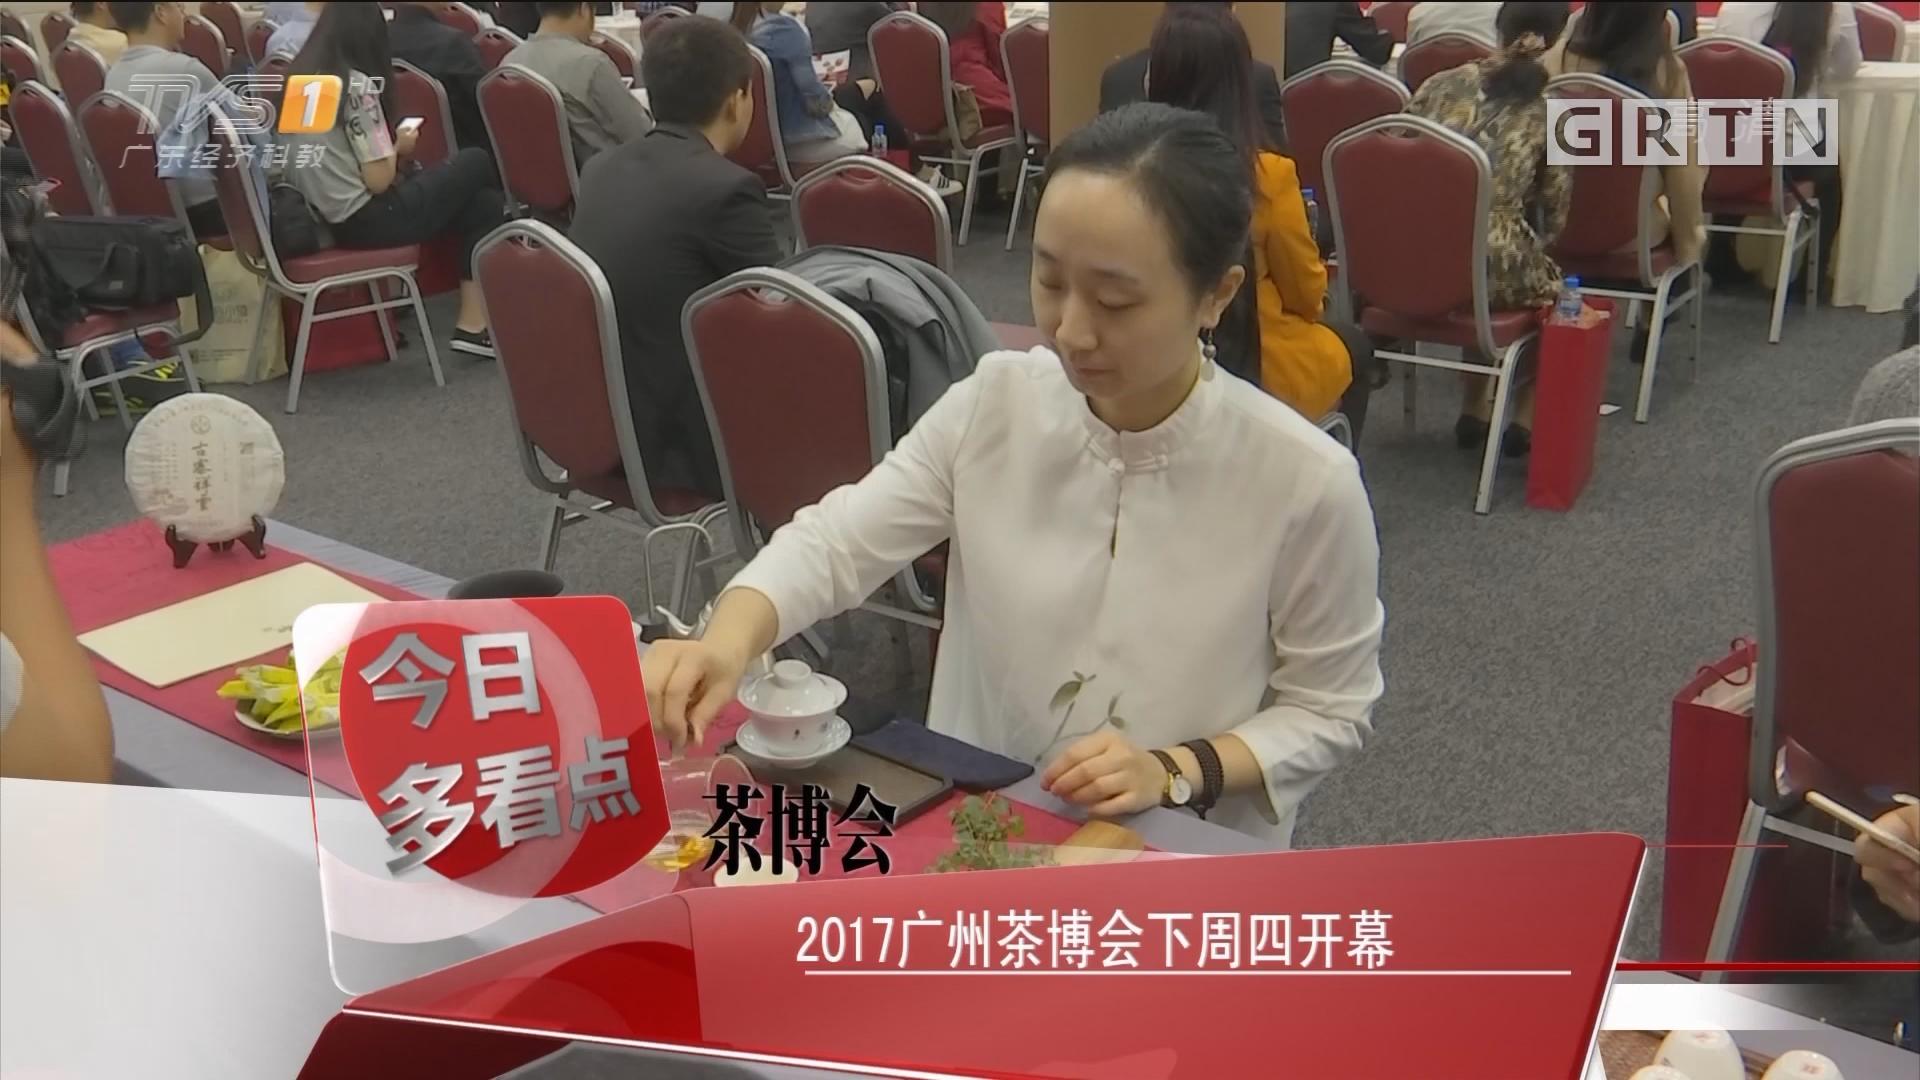 茶博会 2017广州茶博会下周四开幕